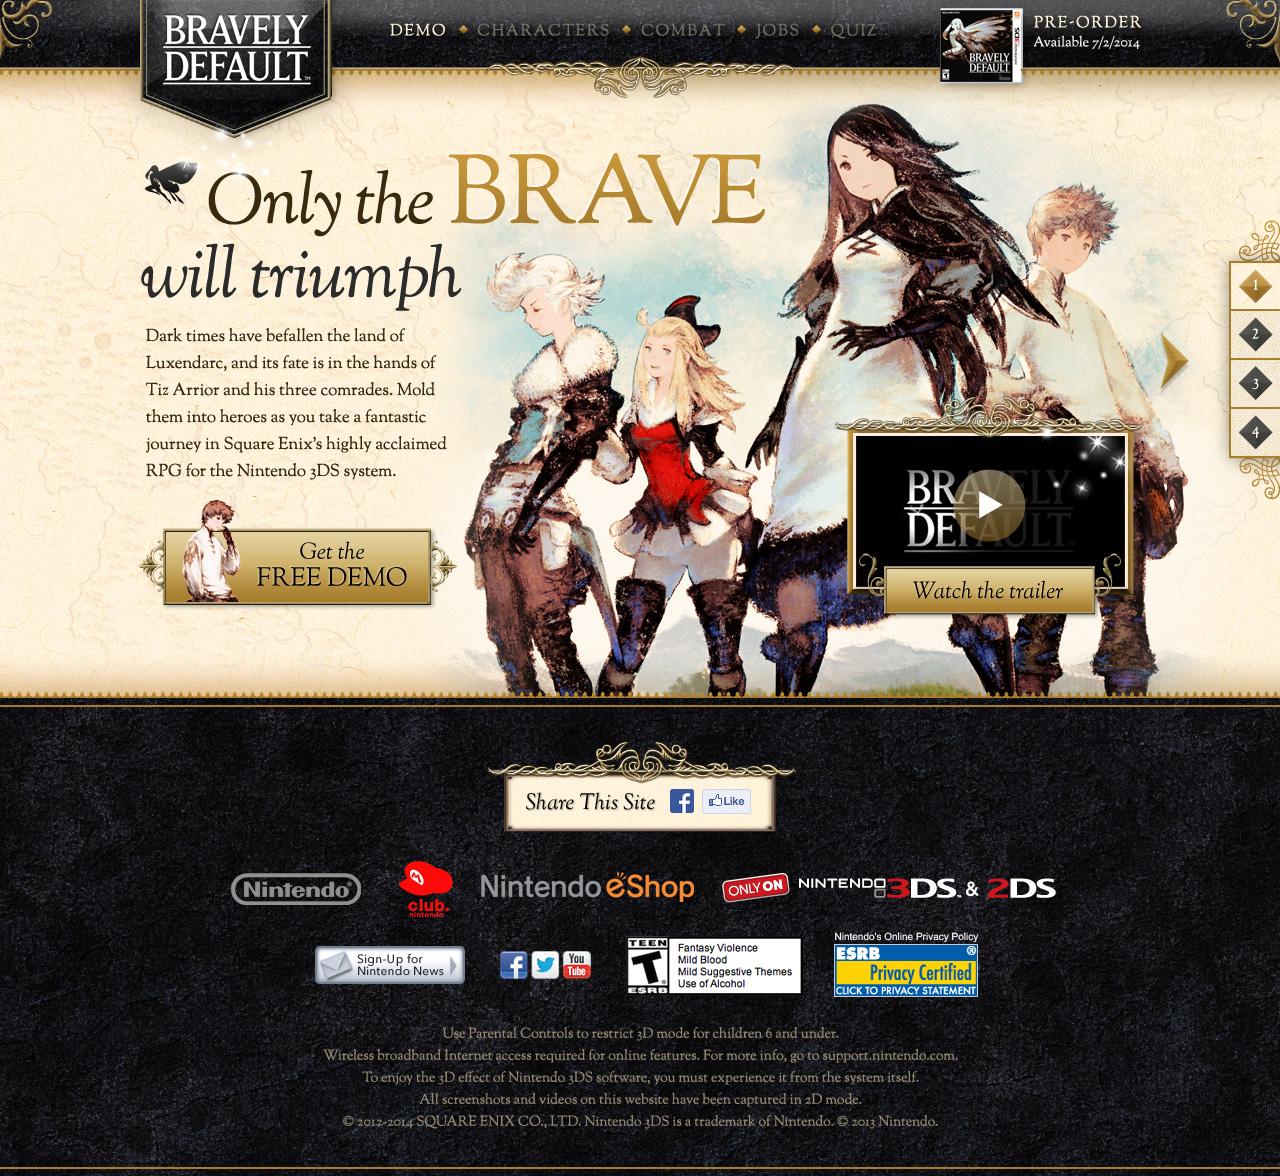 Bravely Default Website